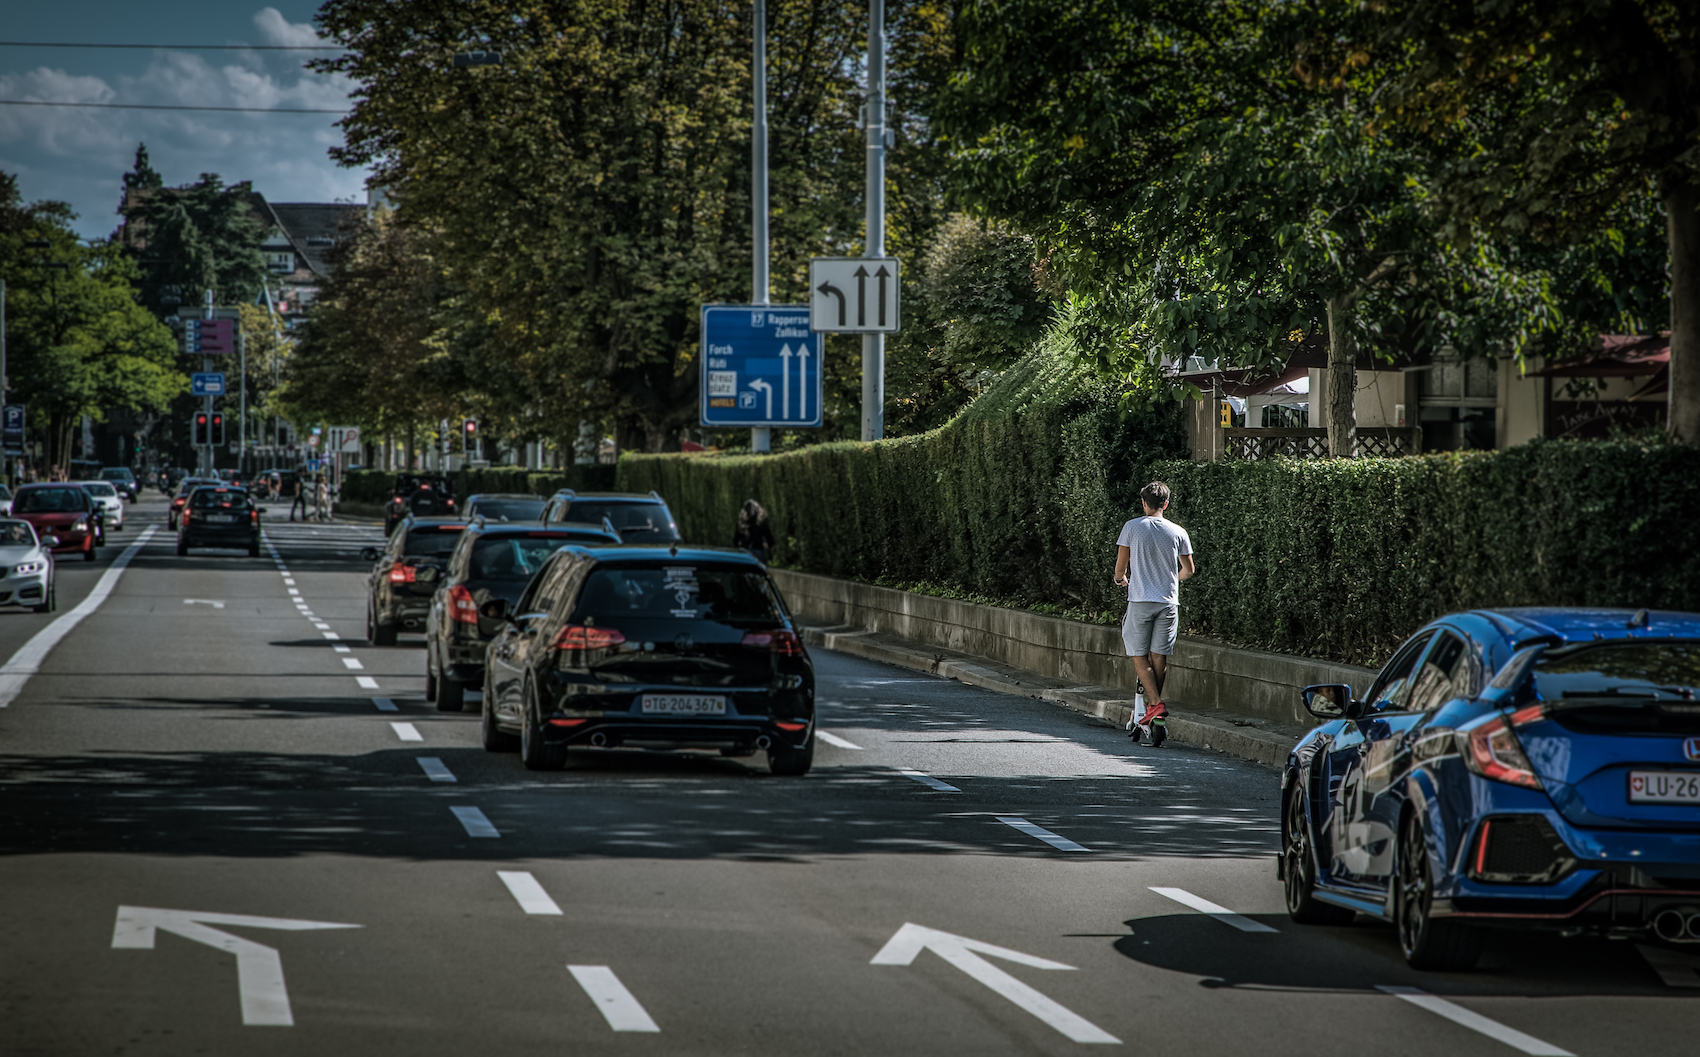 Un usager de la trottinette électrique dans les rues de Zurich. (Philippe Rossier)